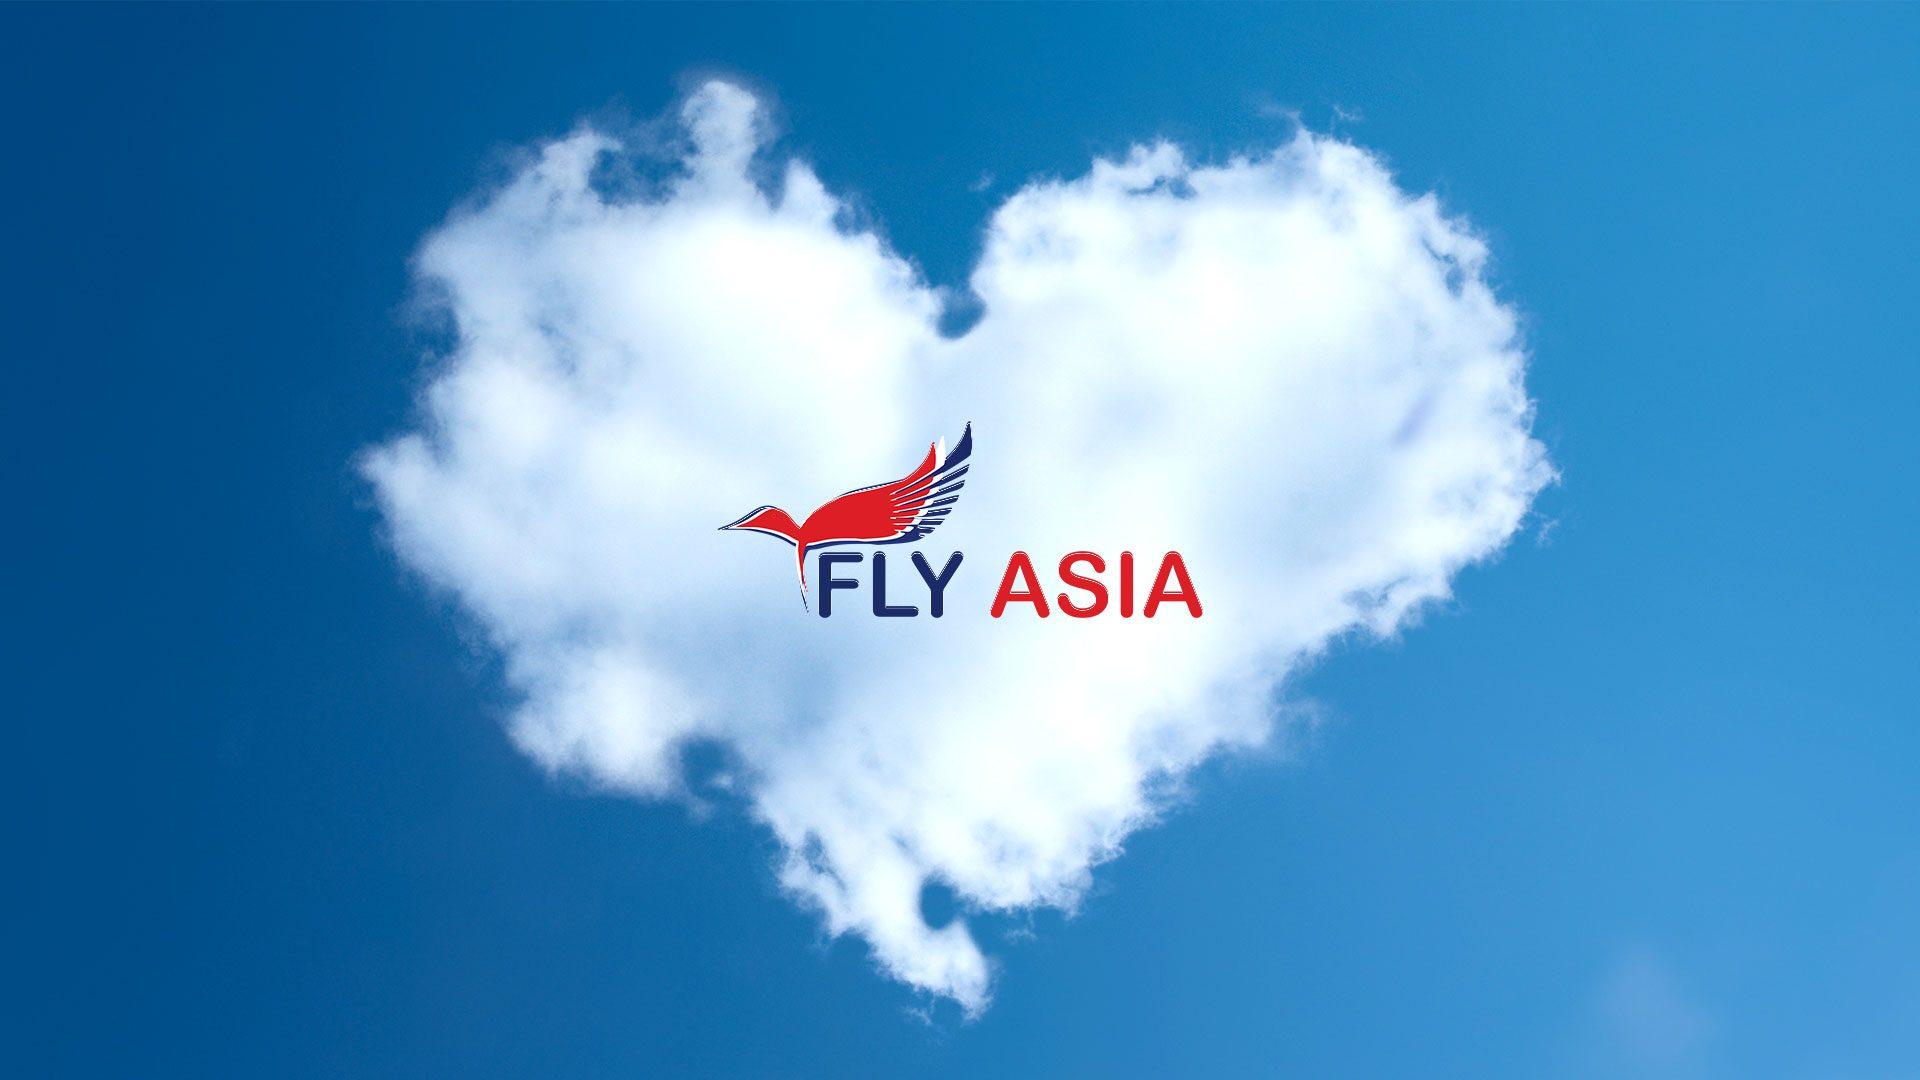 fly asia logo concept